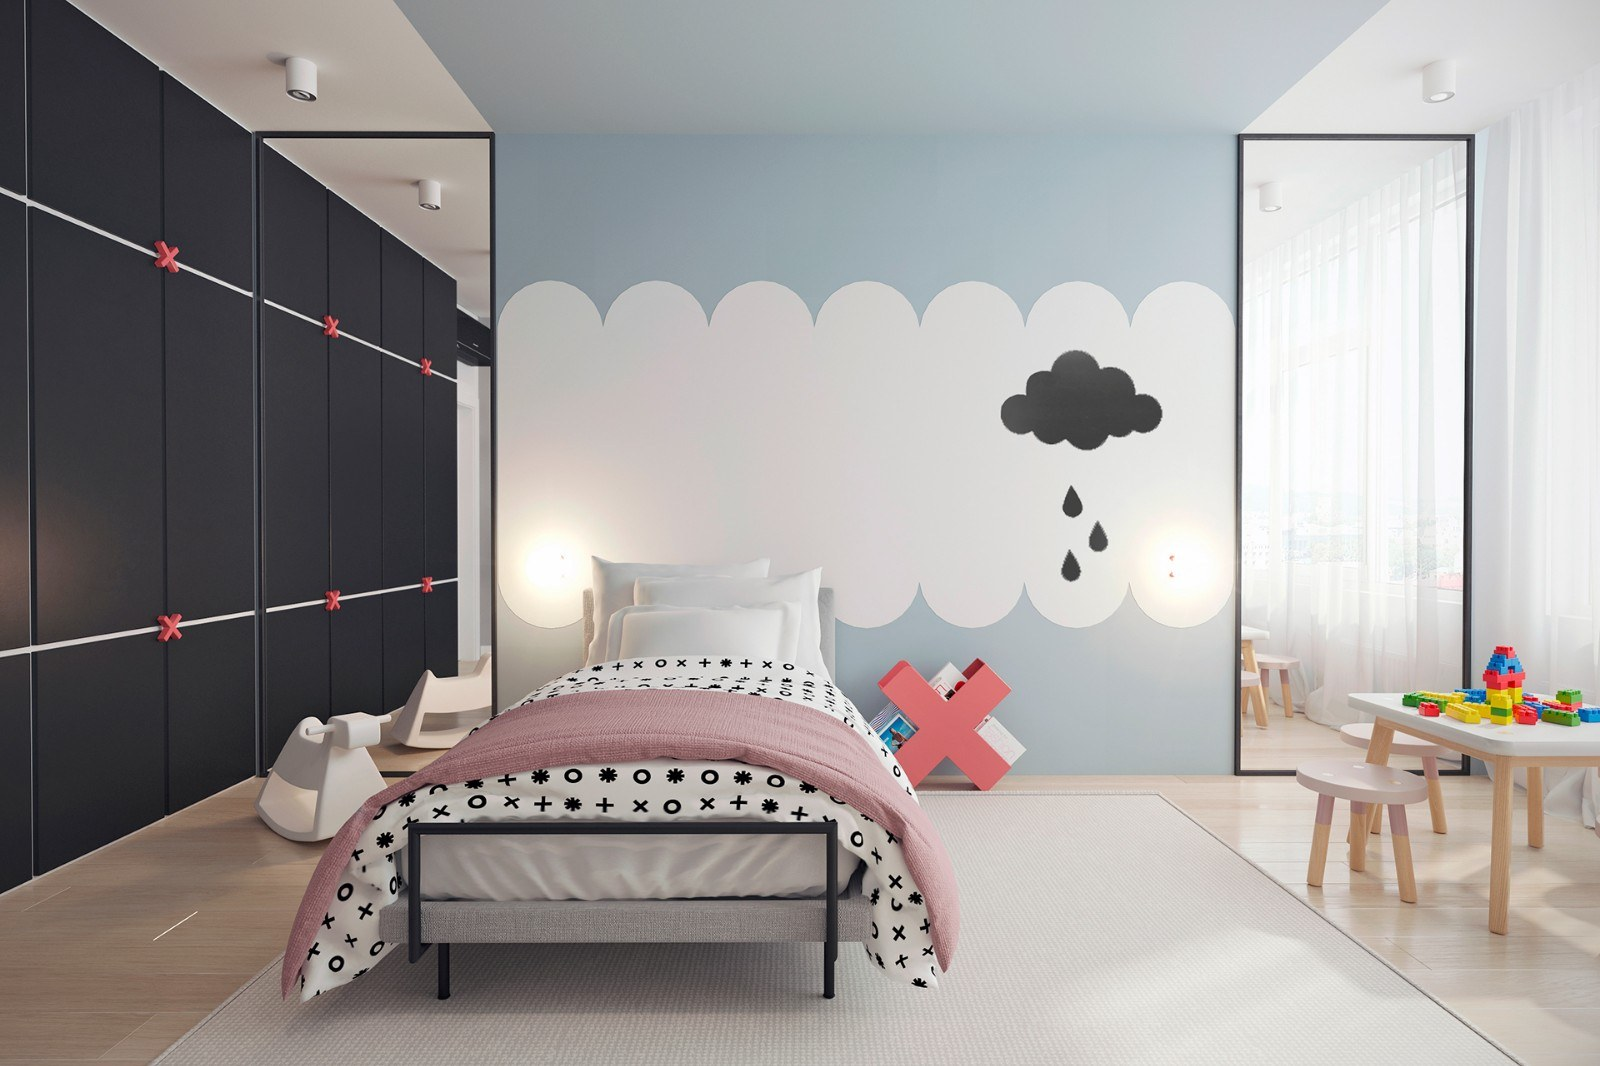 thiết kế nội thất chung cư 50m2 2 phòng ngủ